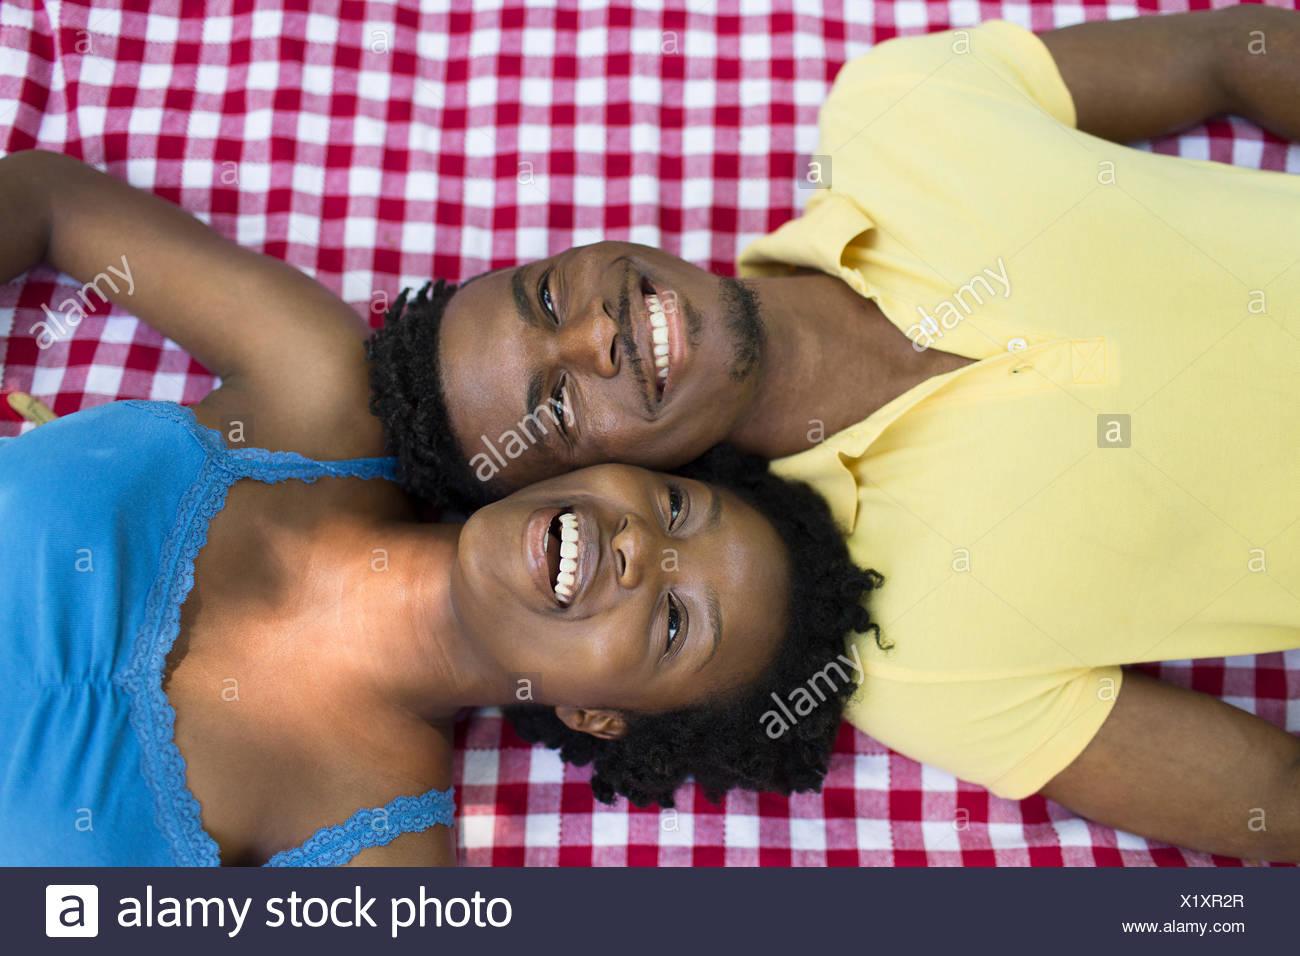 Obenliegende Porträt des jungen Paares auf der Picknickdecke auf gegenüberliegenden Seiten liegend Stockbild